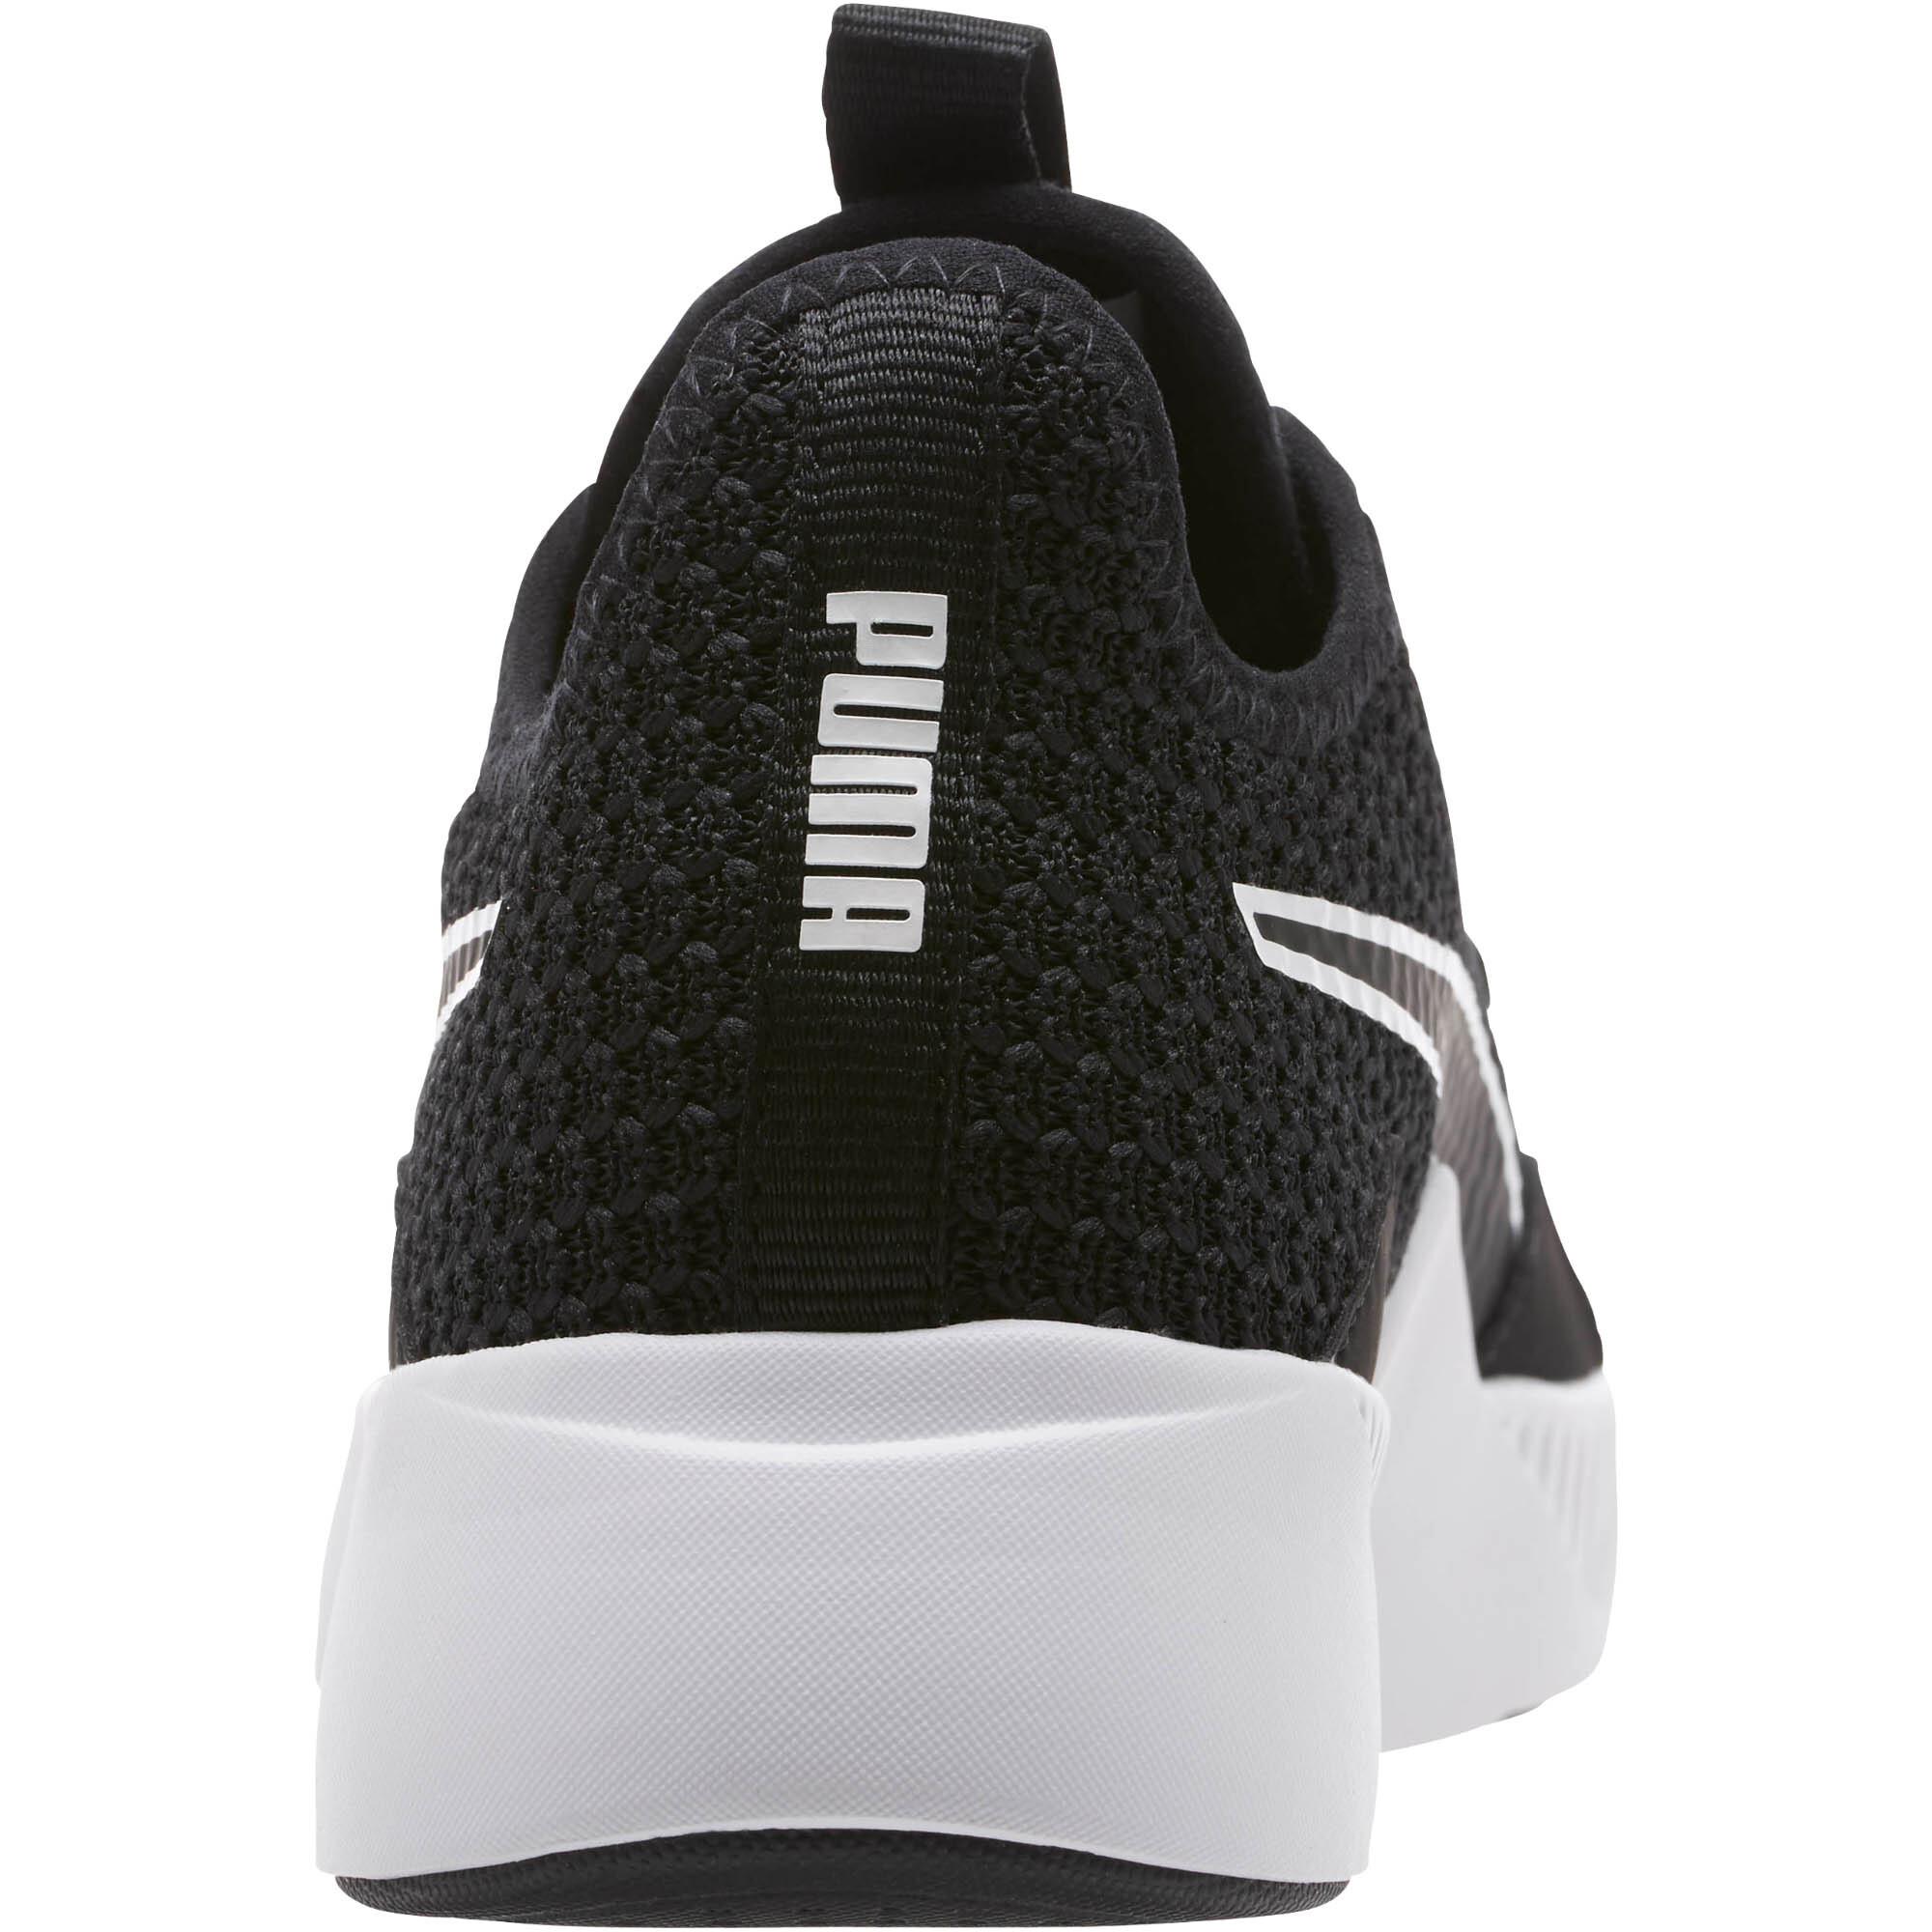 PUMA-Incite-FS-Women-039-s-Training-Shoes-Women-Shoe-Training thumbnail 28